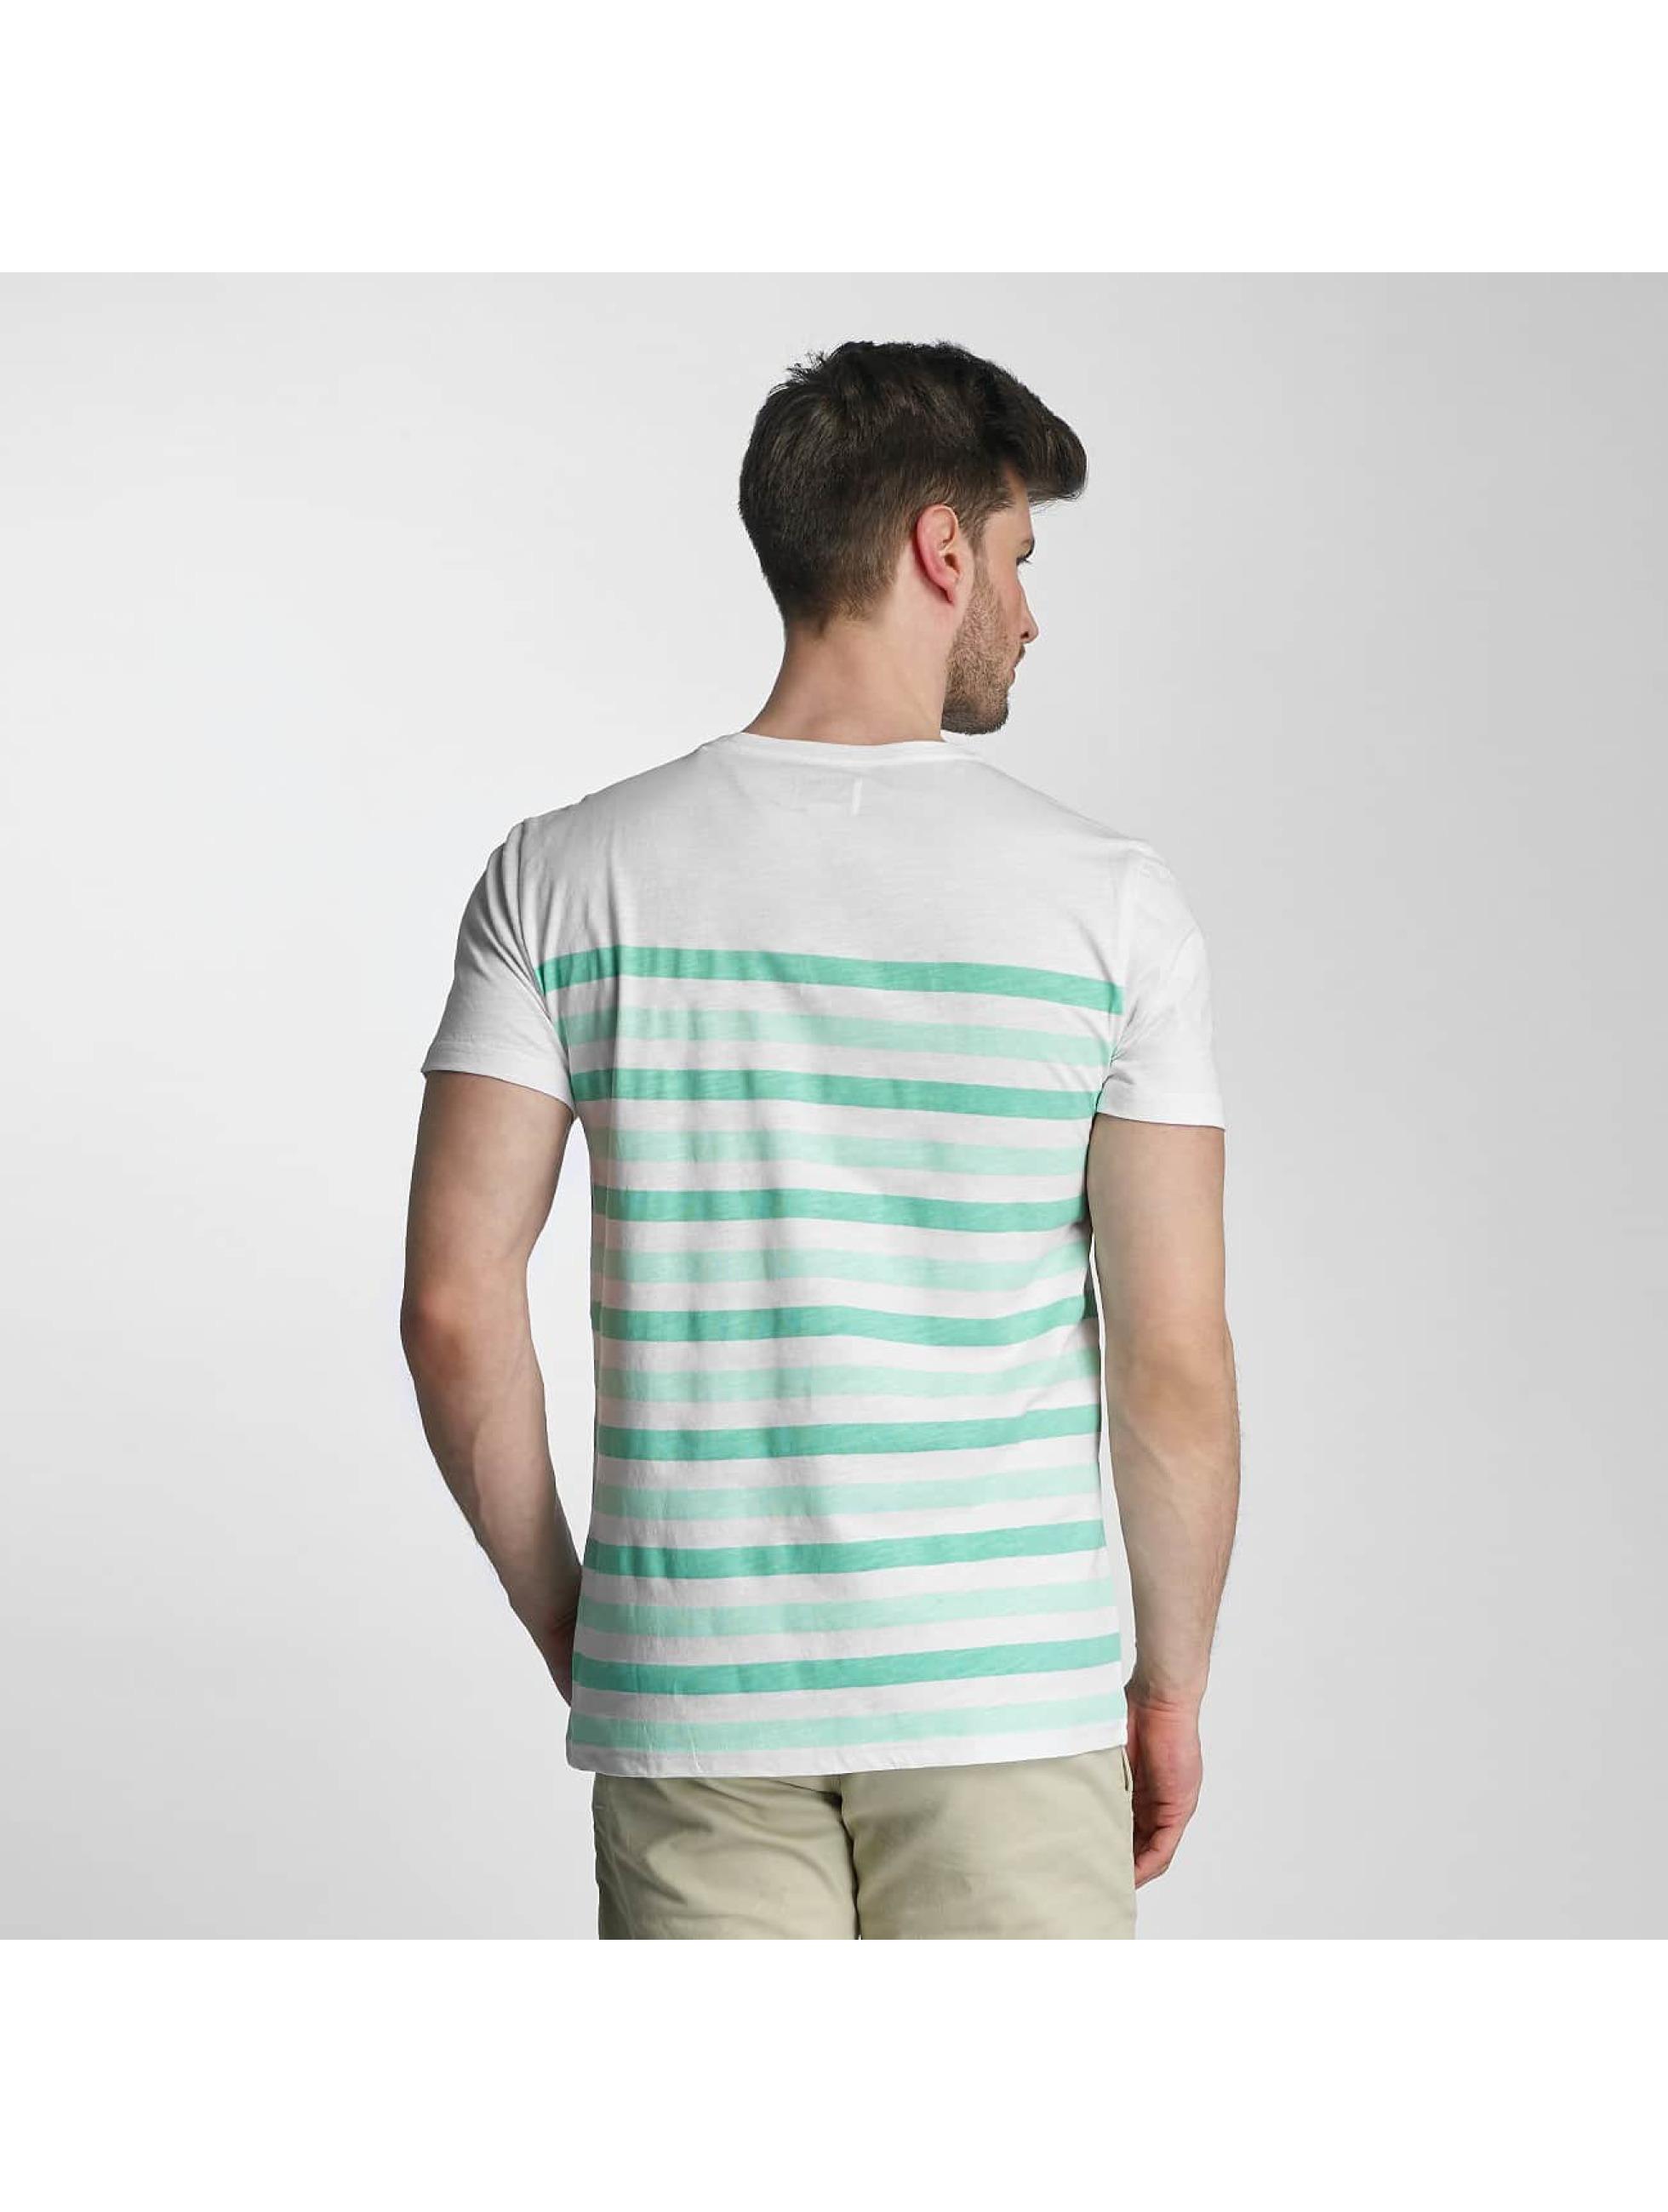 SHINE Original T-Shirt Striped grün